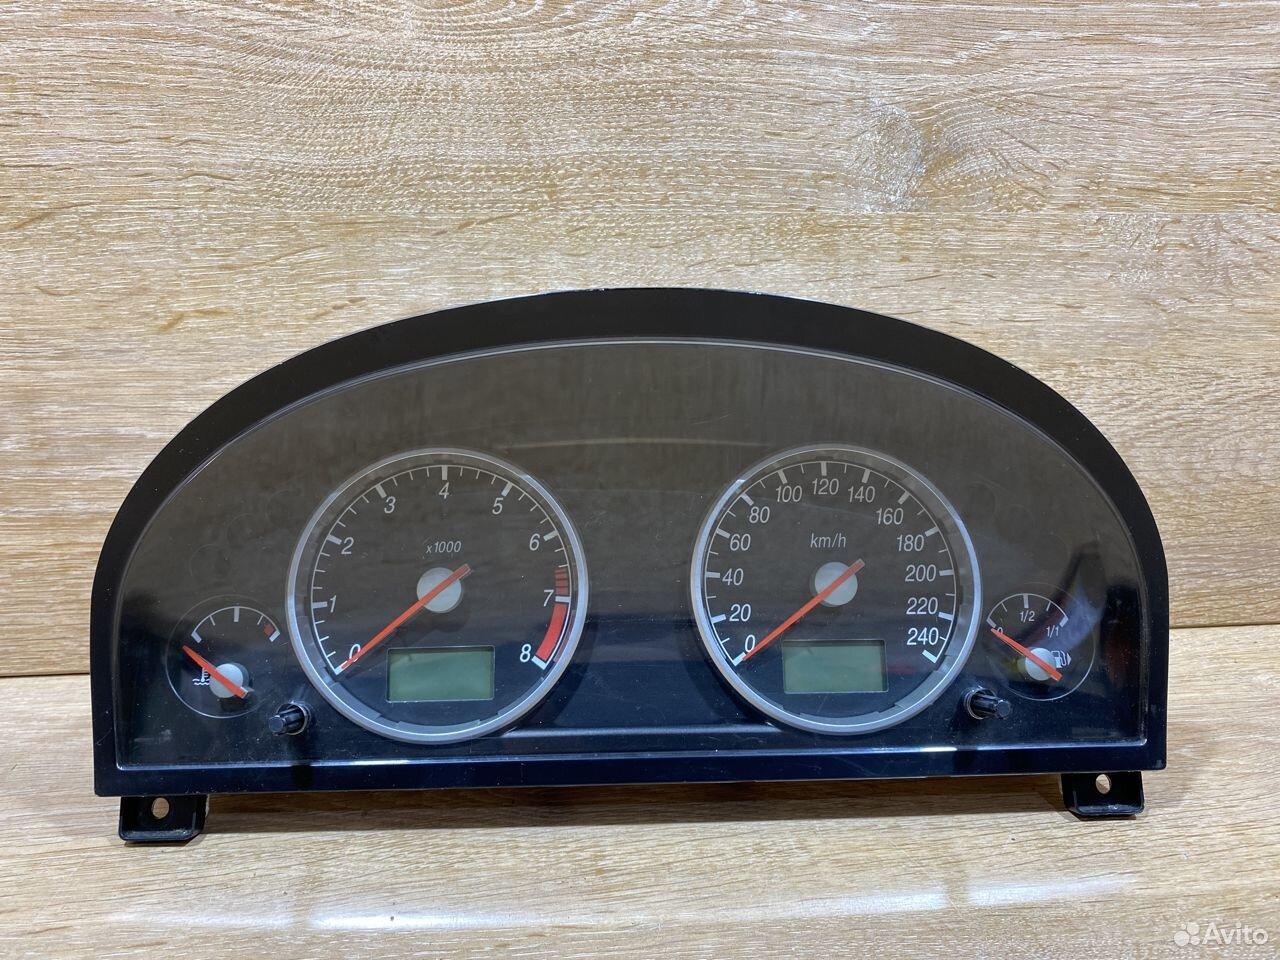 Панель приборов Ford Mondeo 3 бензин 772093  89534684247 купить 1